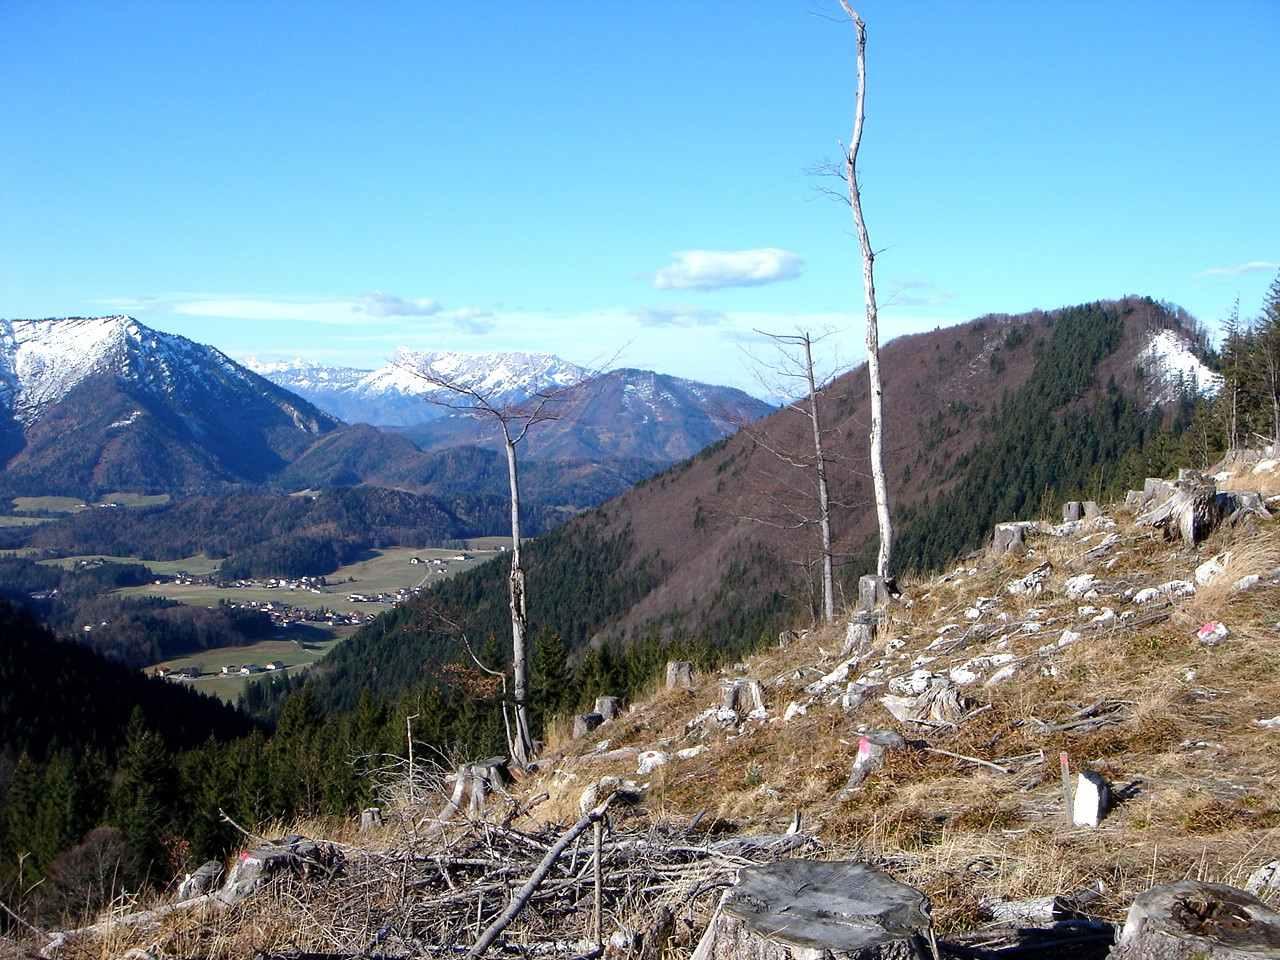 Foto: Manfred Karl / Wander Tour / Aus der Tiefbrunnau auf den Filbling / Ausblick vom Sattel oberhalb des Filblingsees gegen den Untersberg. / 25.04.2007 23:18:14